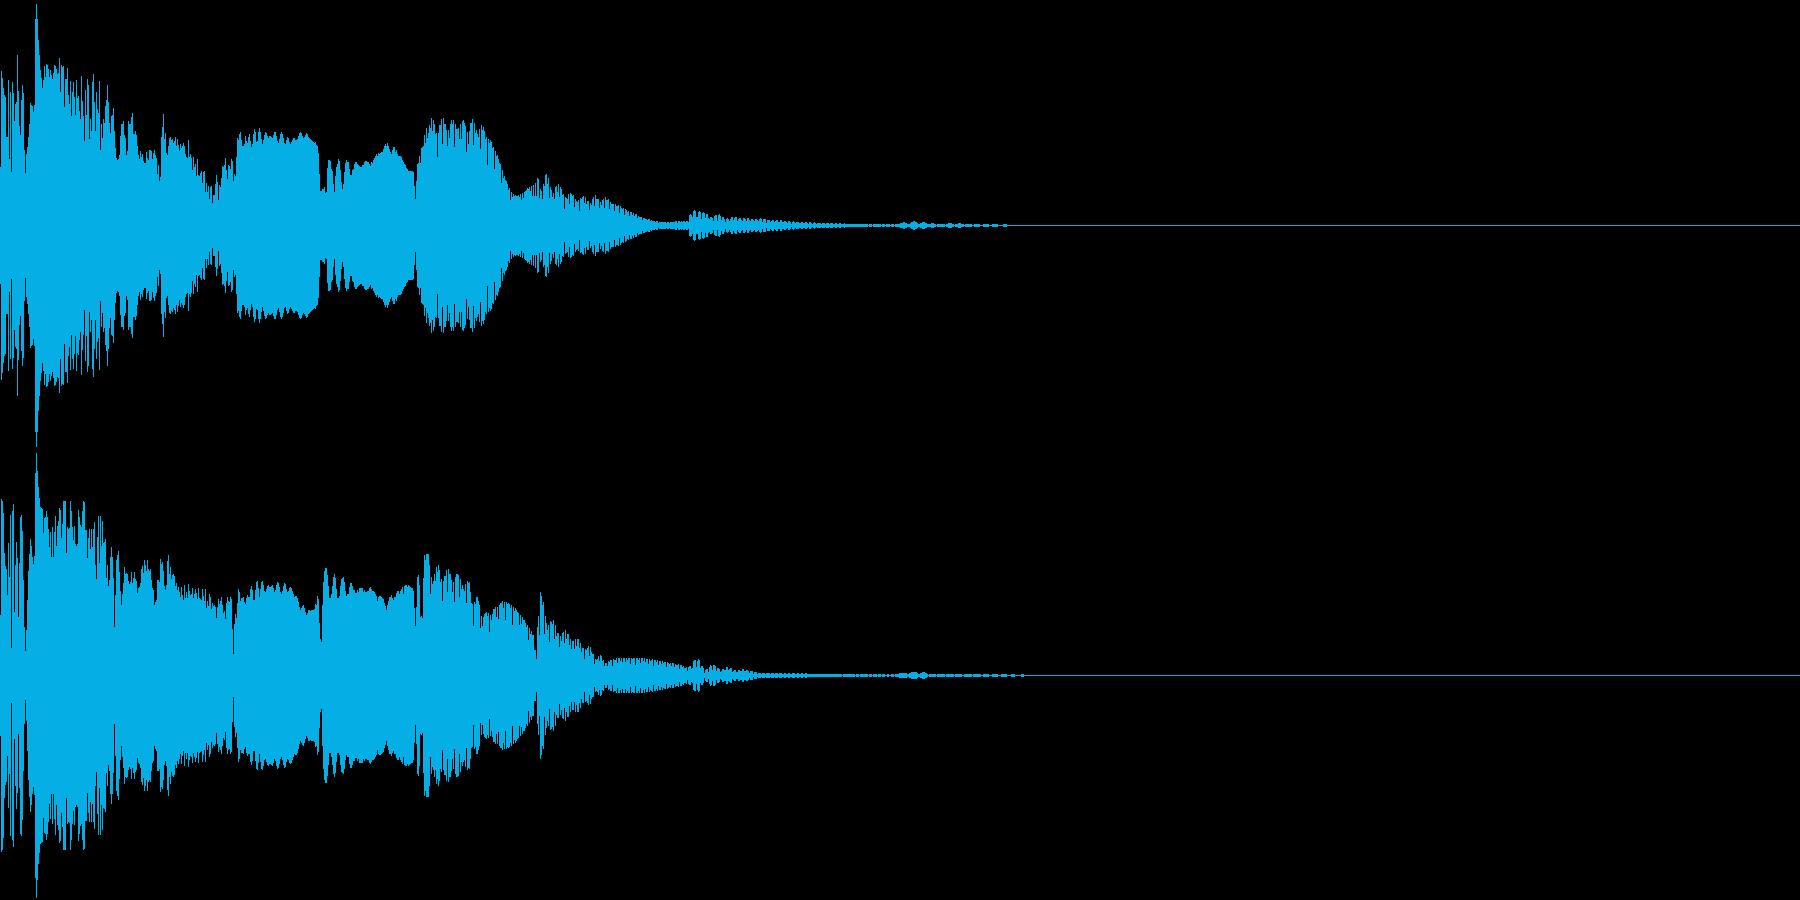 Invader 奇天烈なシューティング音の再生済みの波形